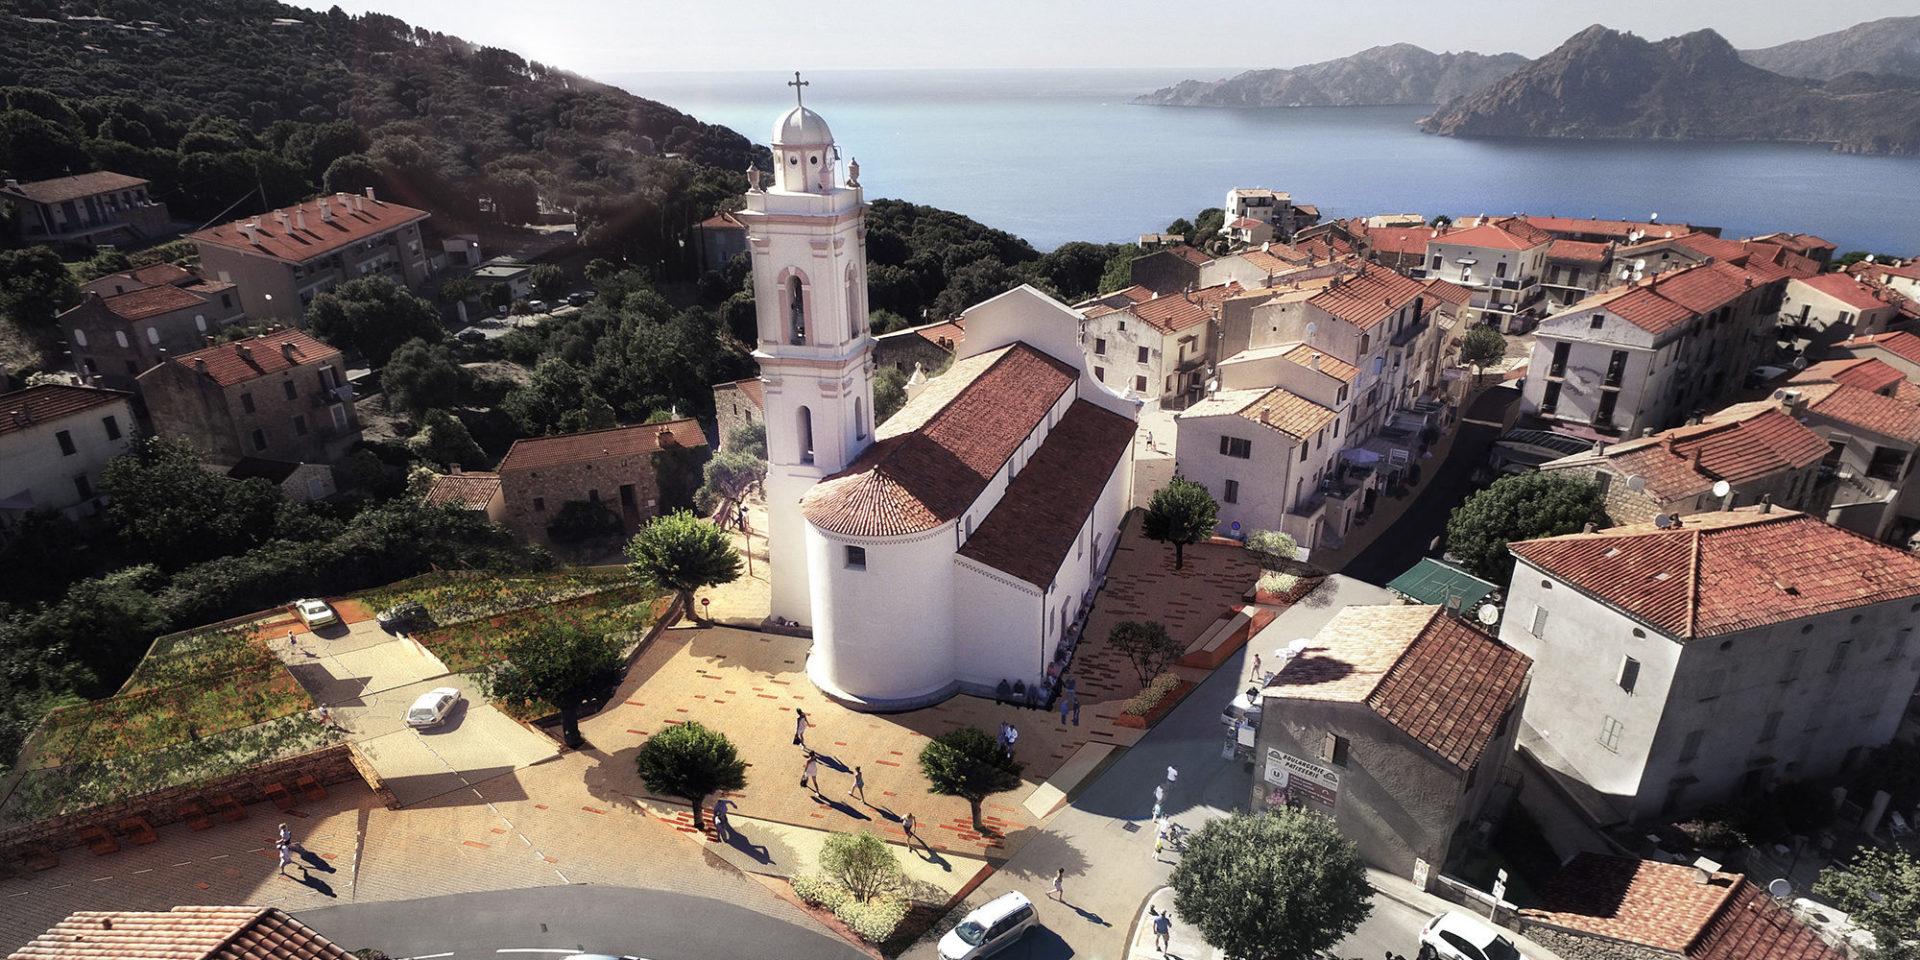 Hotel Capo Rosso Piana Calanques-de-Piana Corsica Frankrijk Piana-village kerk luchtfoto